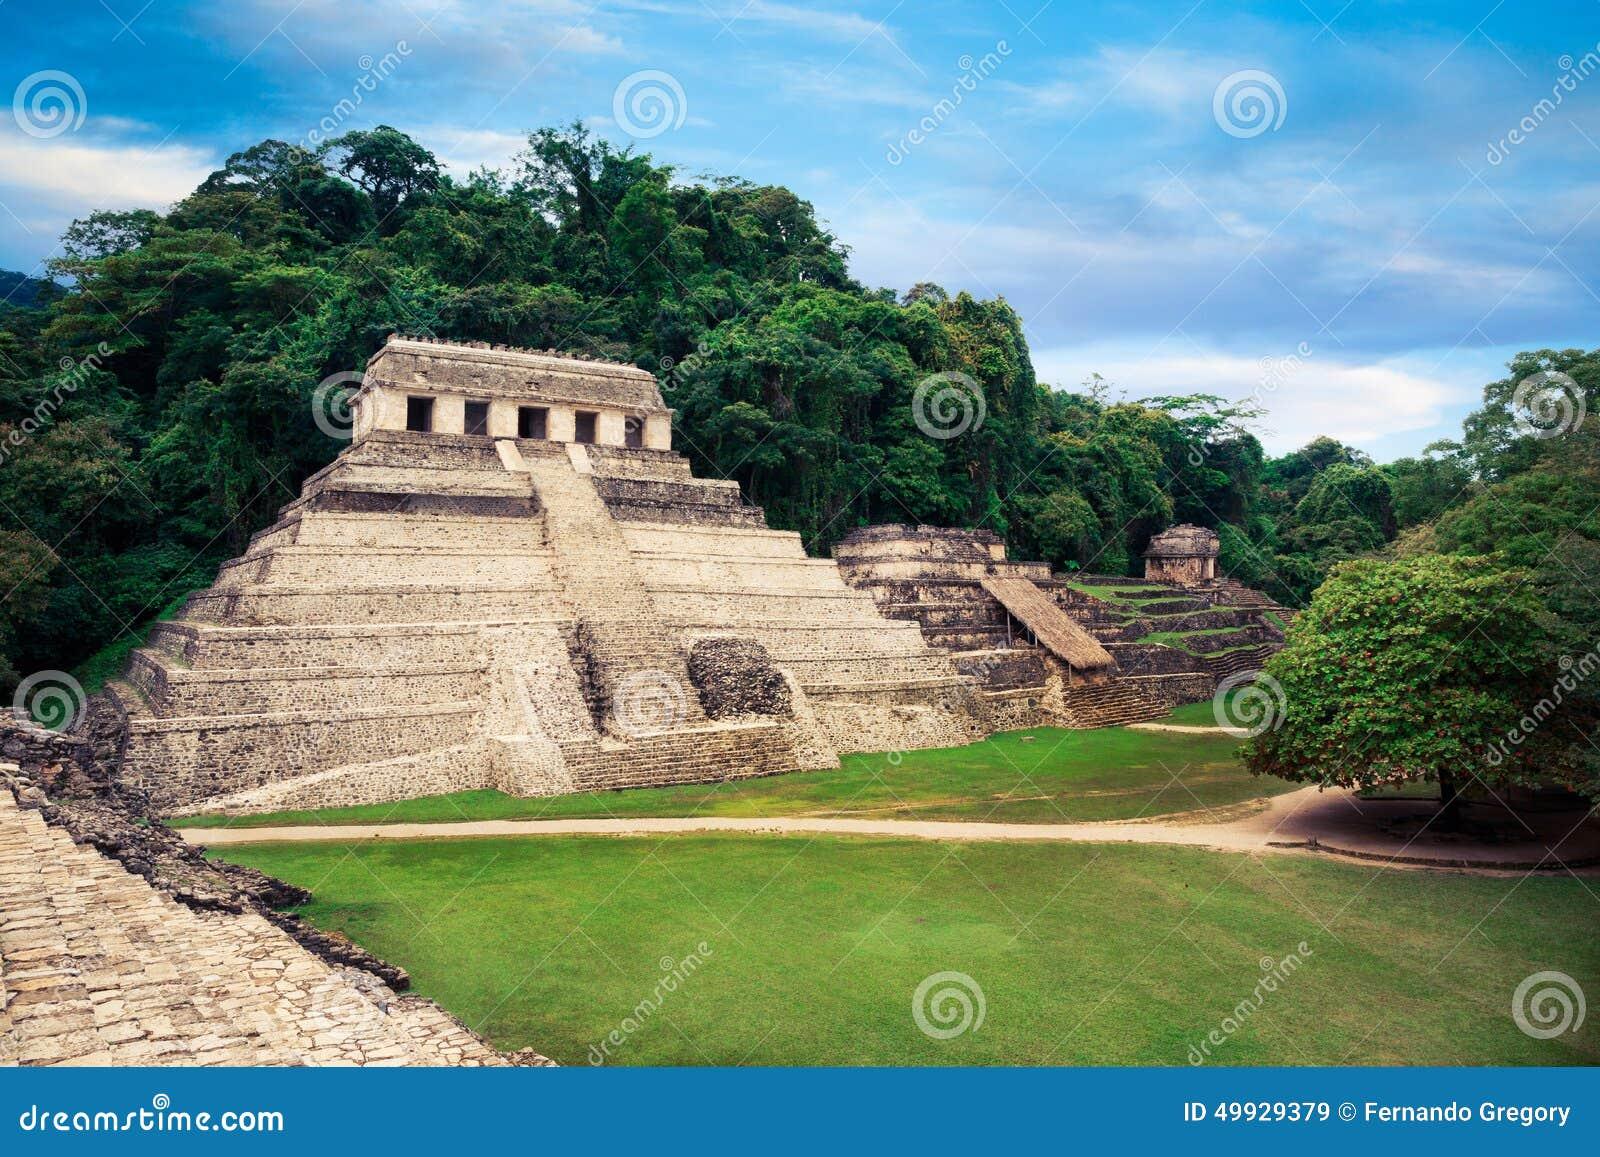 La torre de observación del palacio en Palenque, ciudad del maya en Chiapas, México